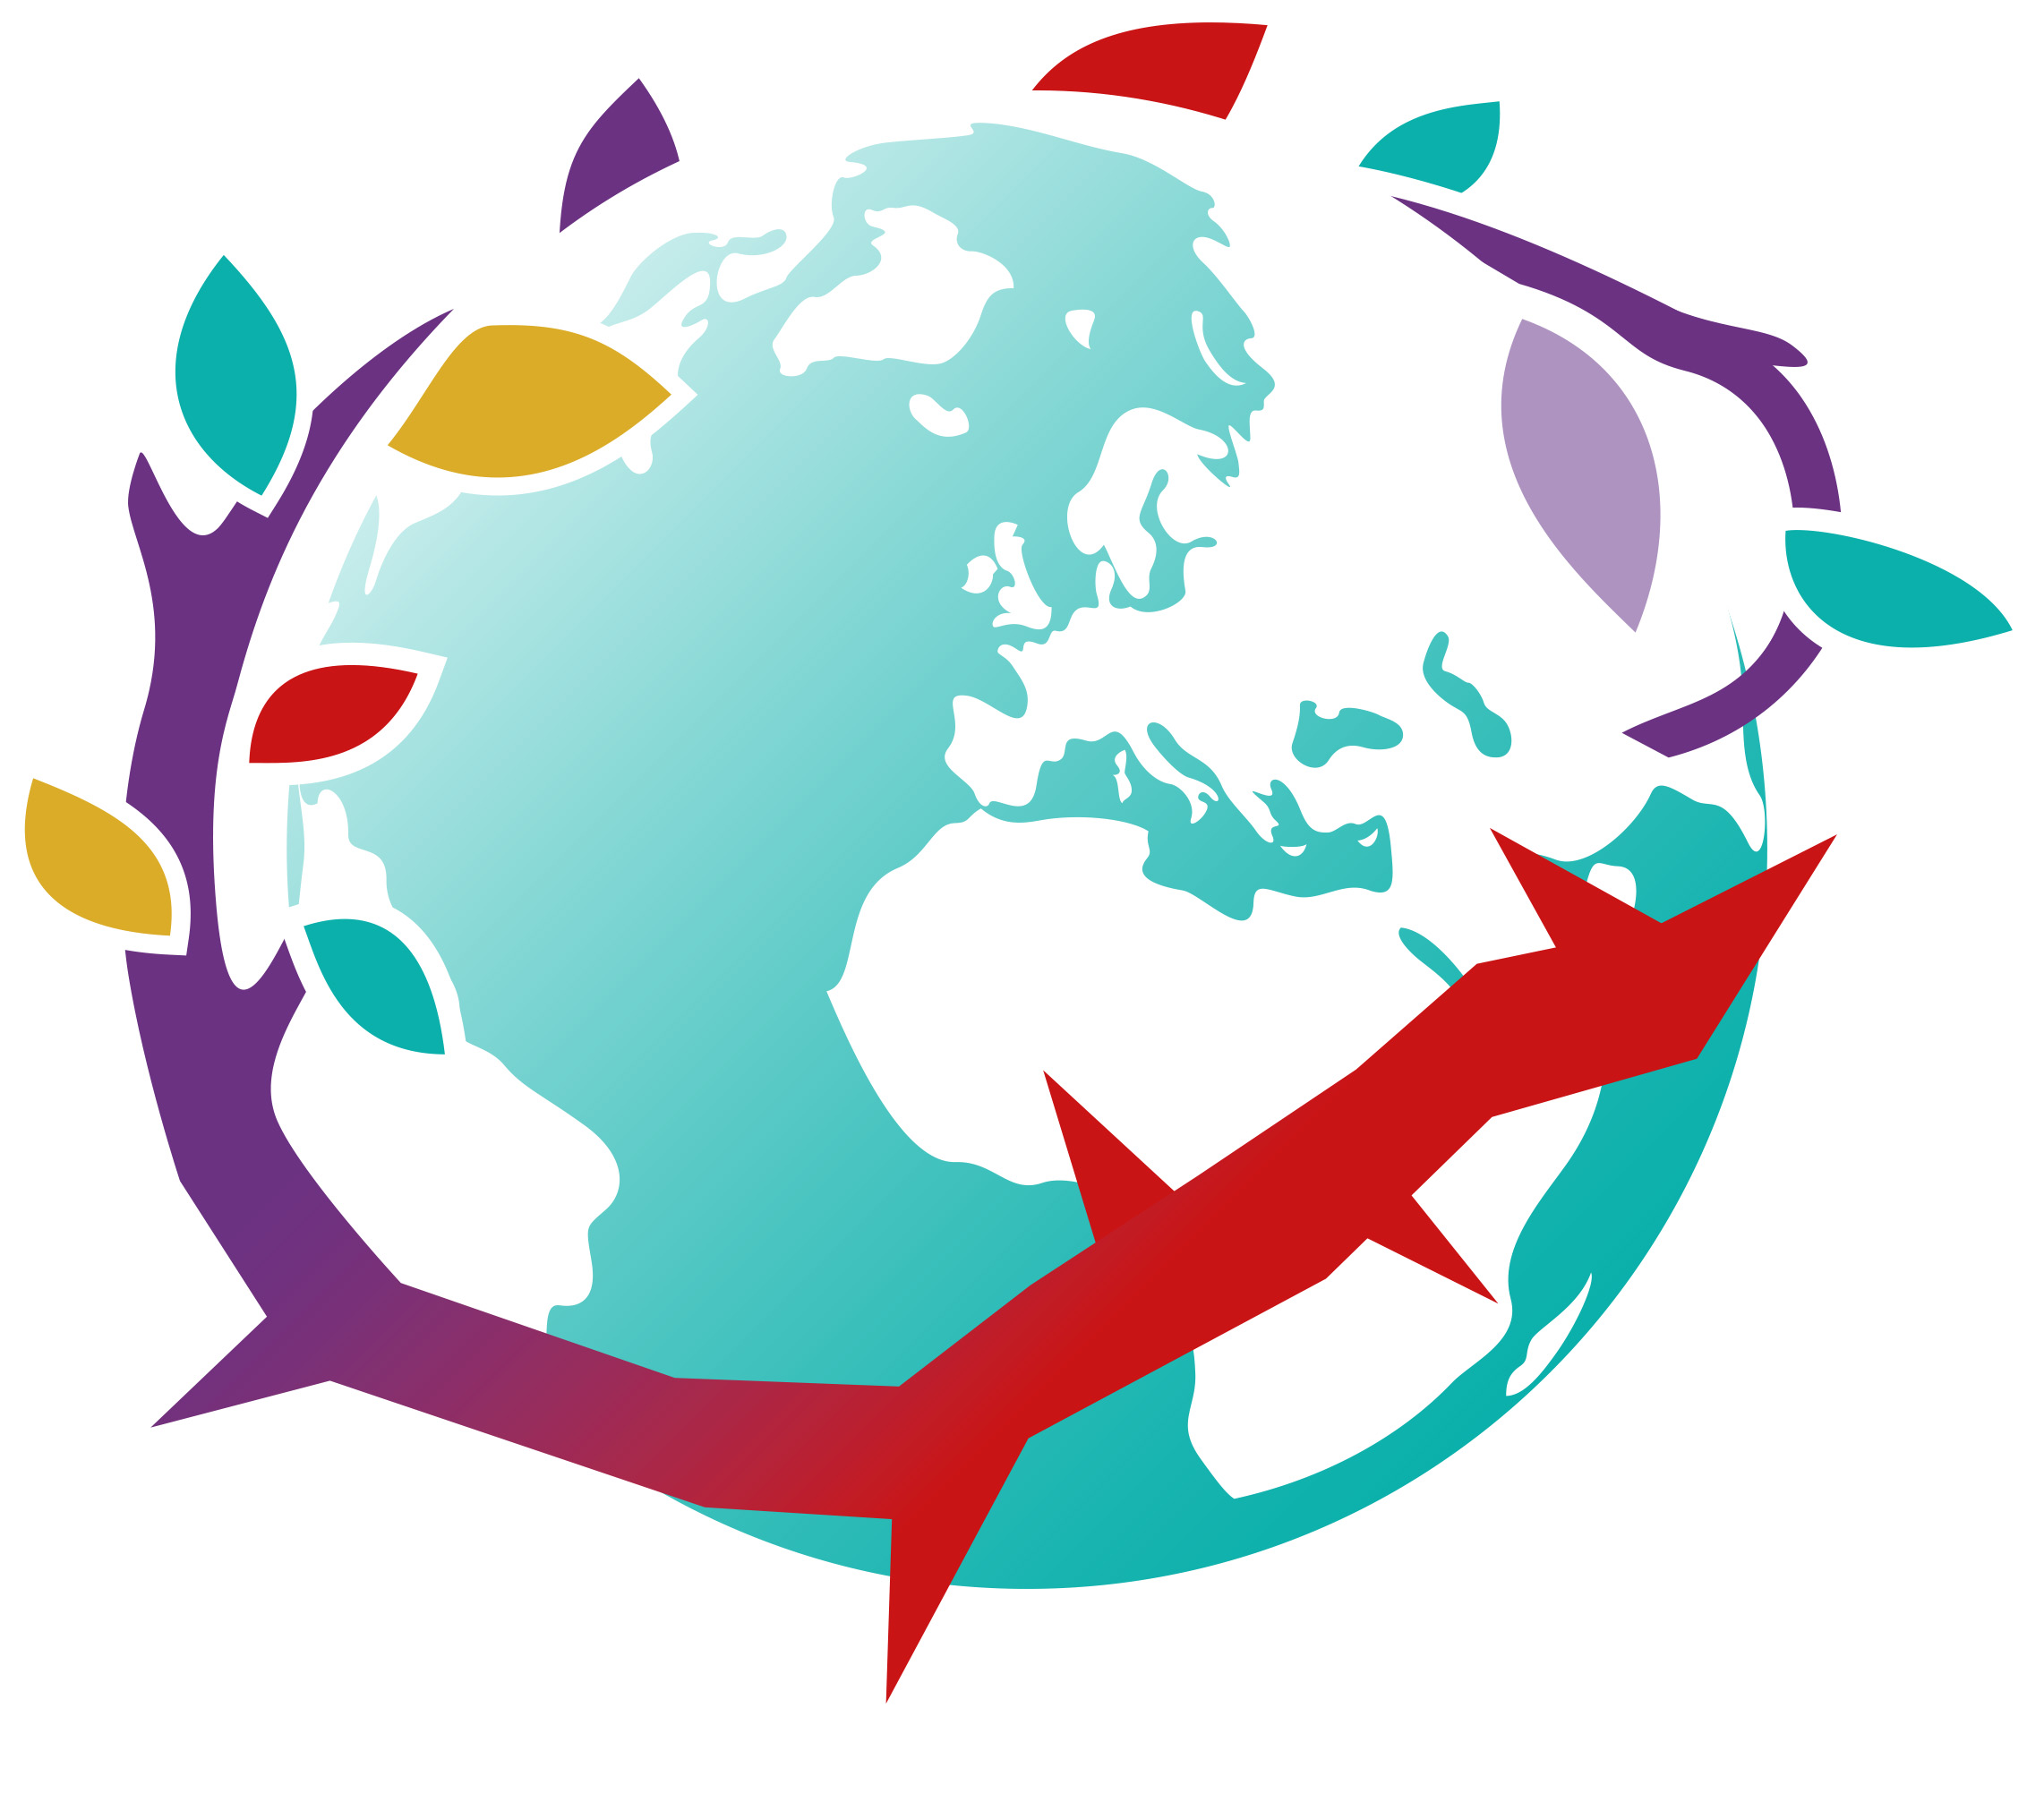 Logo op basis van samenwerking van 6 organisaties: EAV, Open Doors, HVK, OMF, 4M en Gave Veste